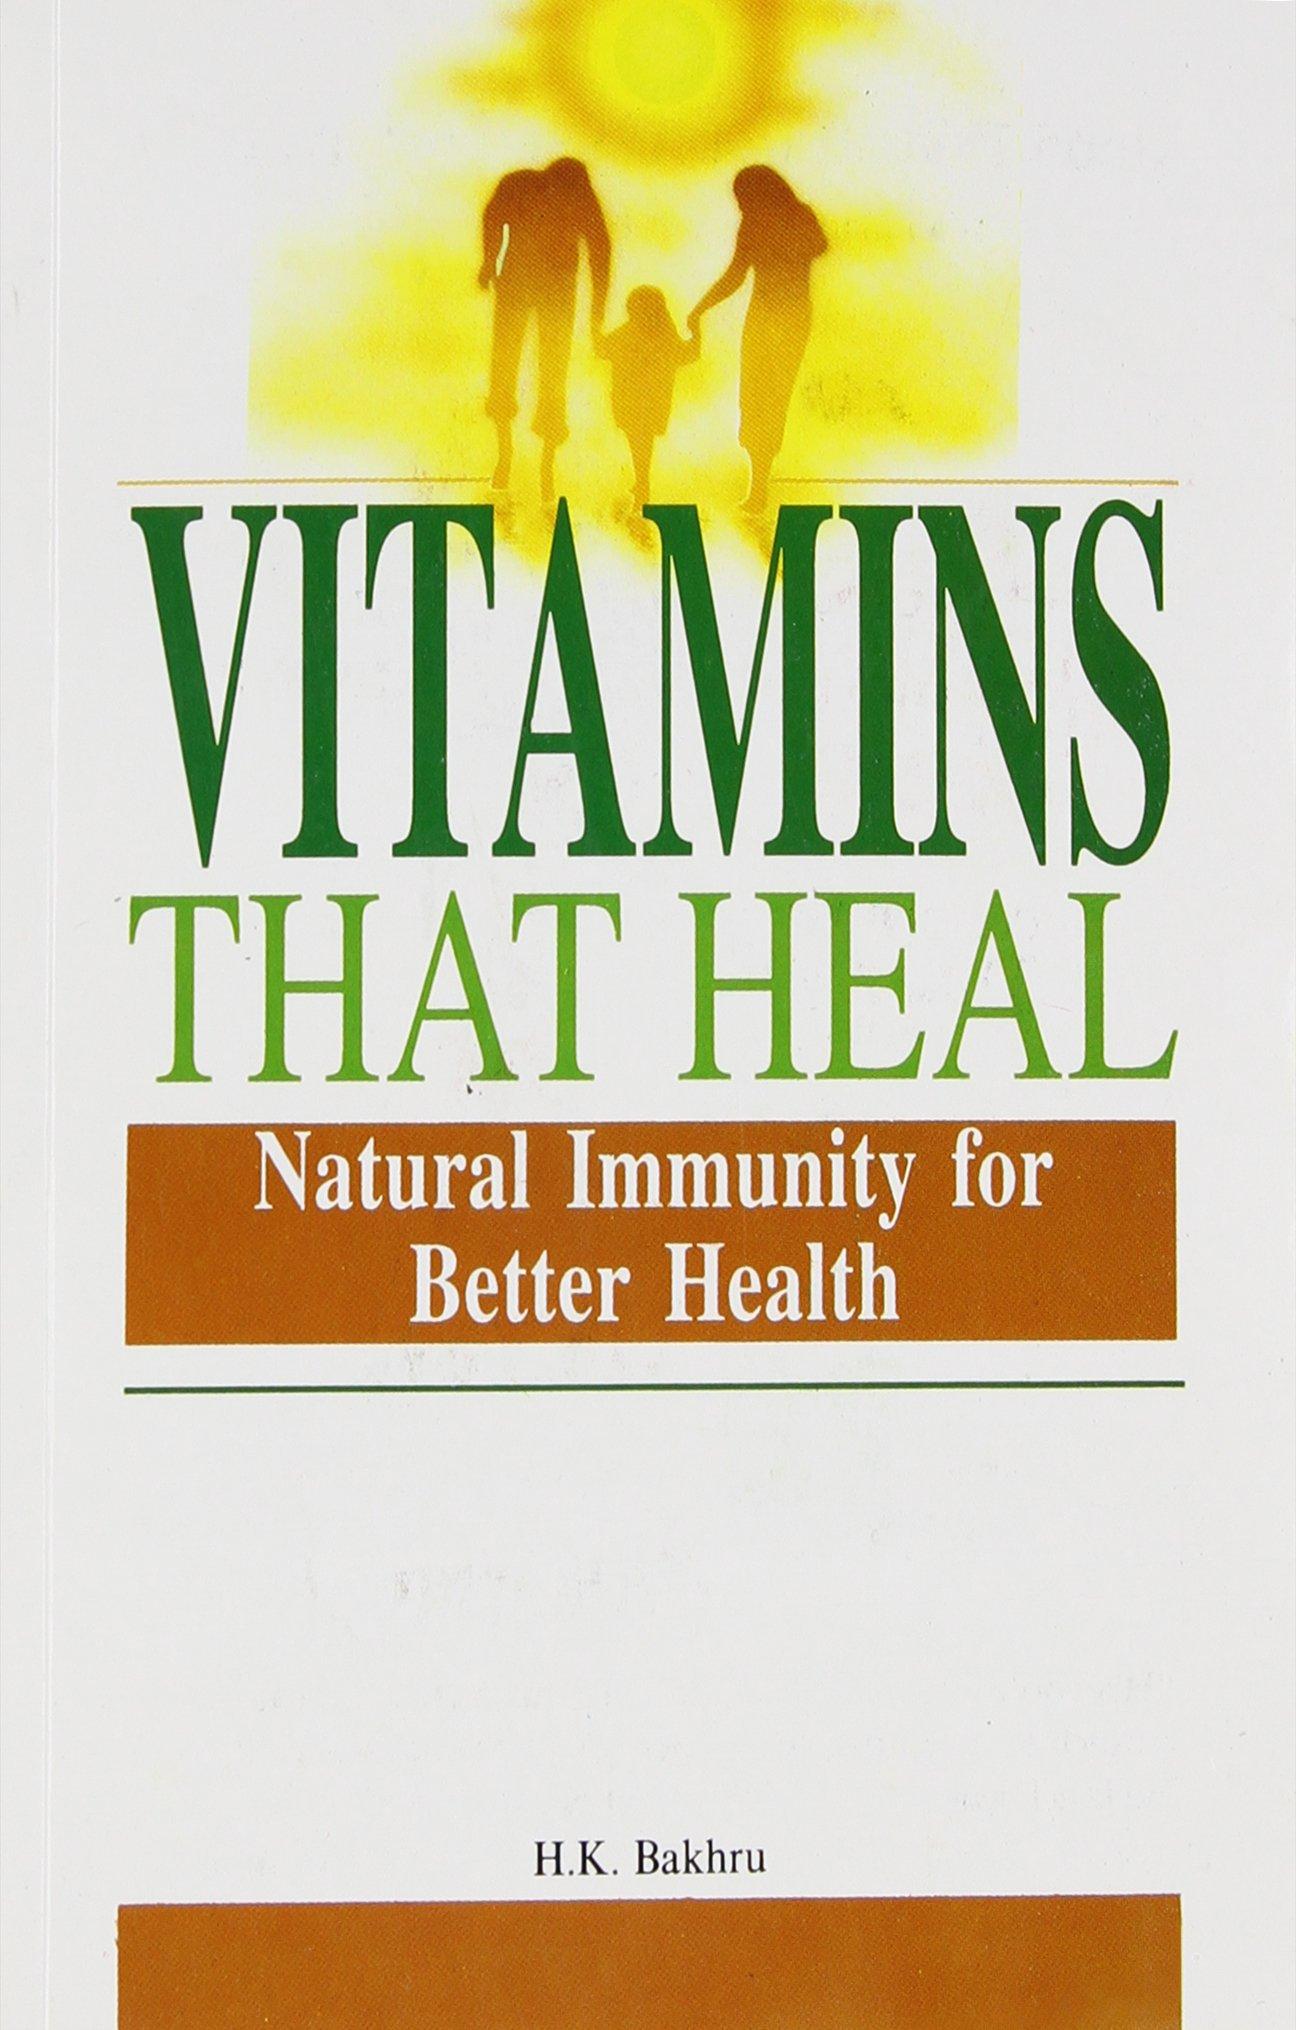 vitamins that heal by h k bakhru